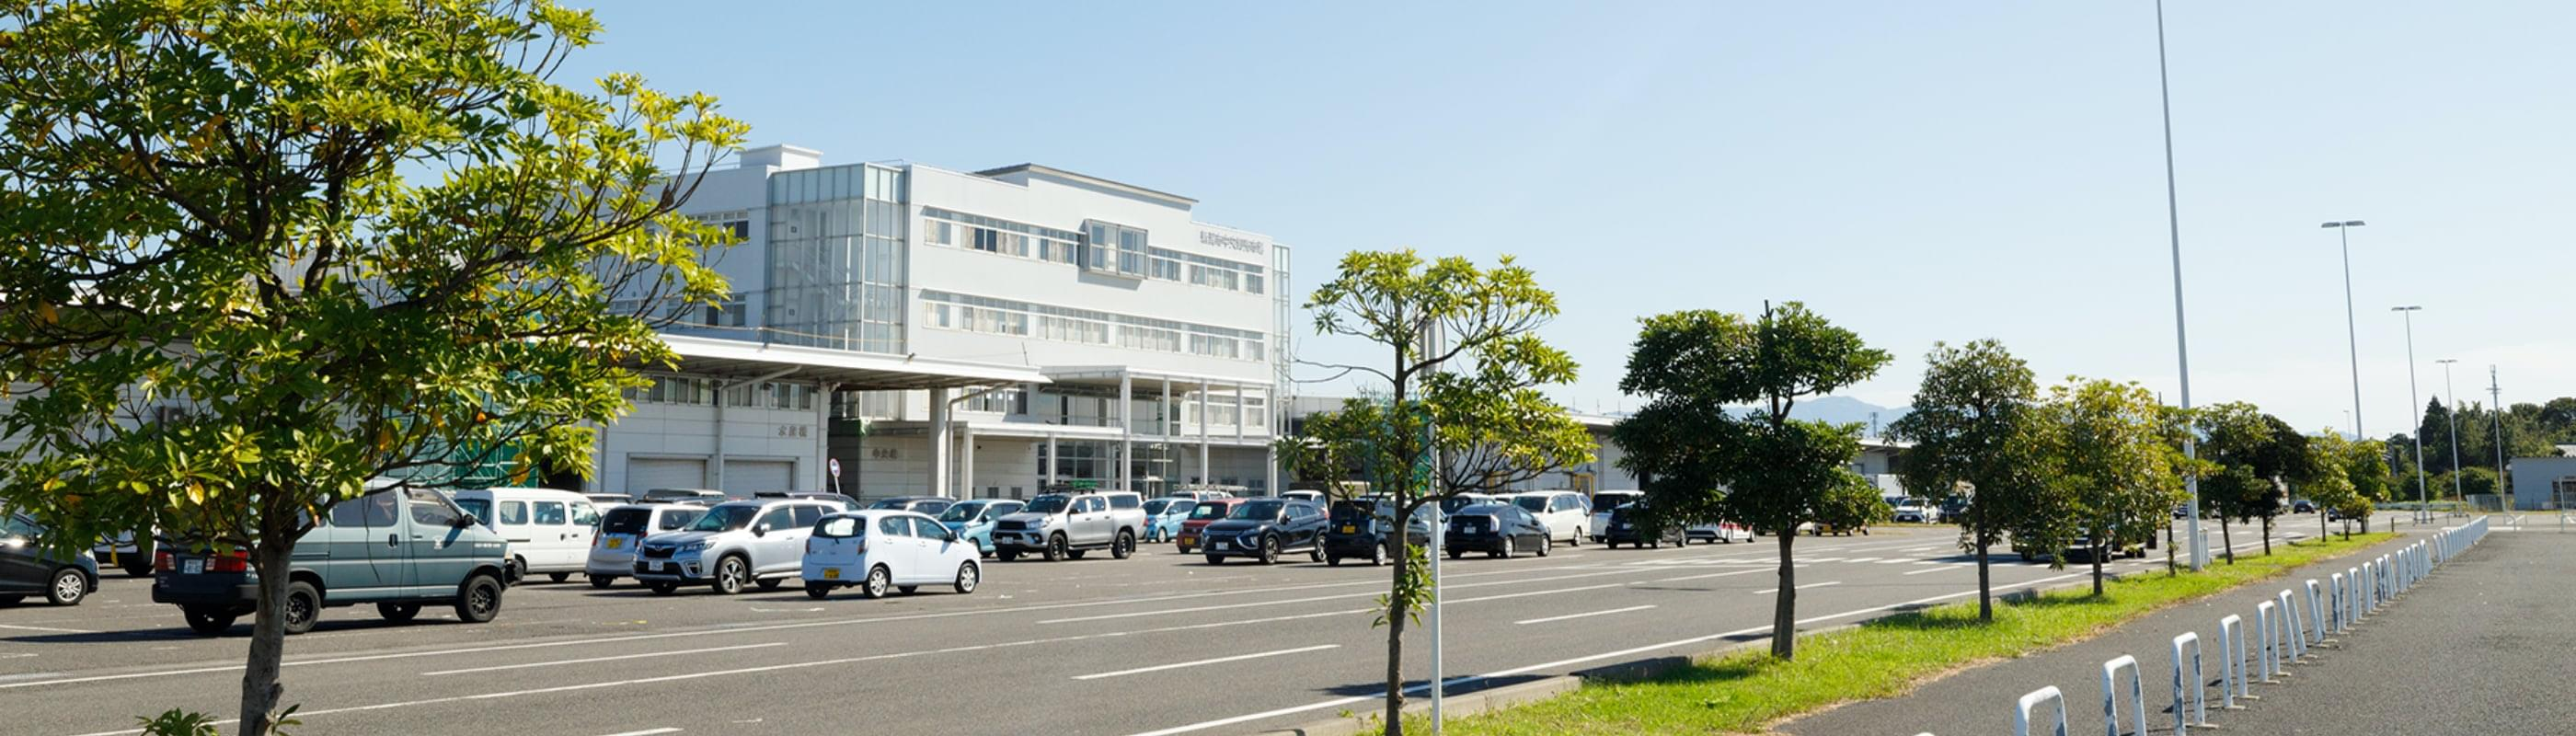 社屋と会社駐車場の画像